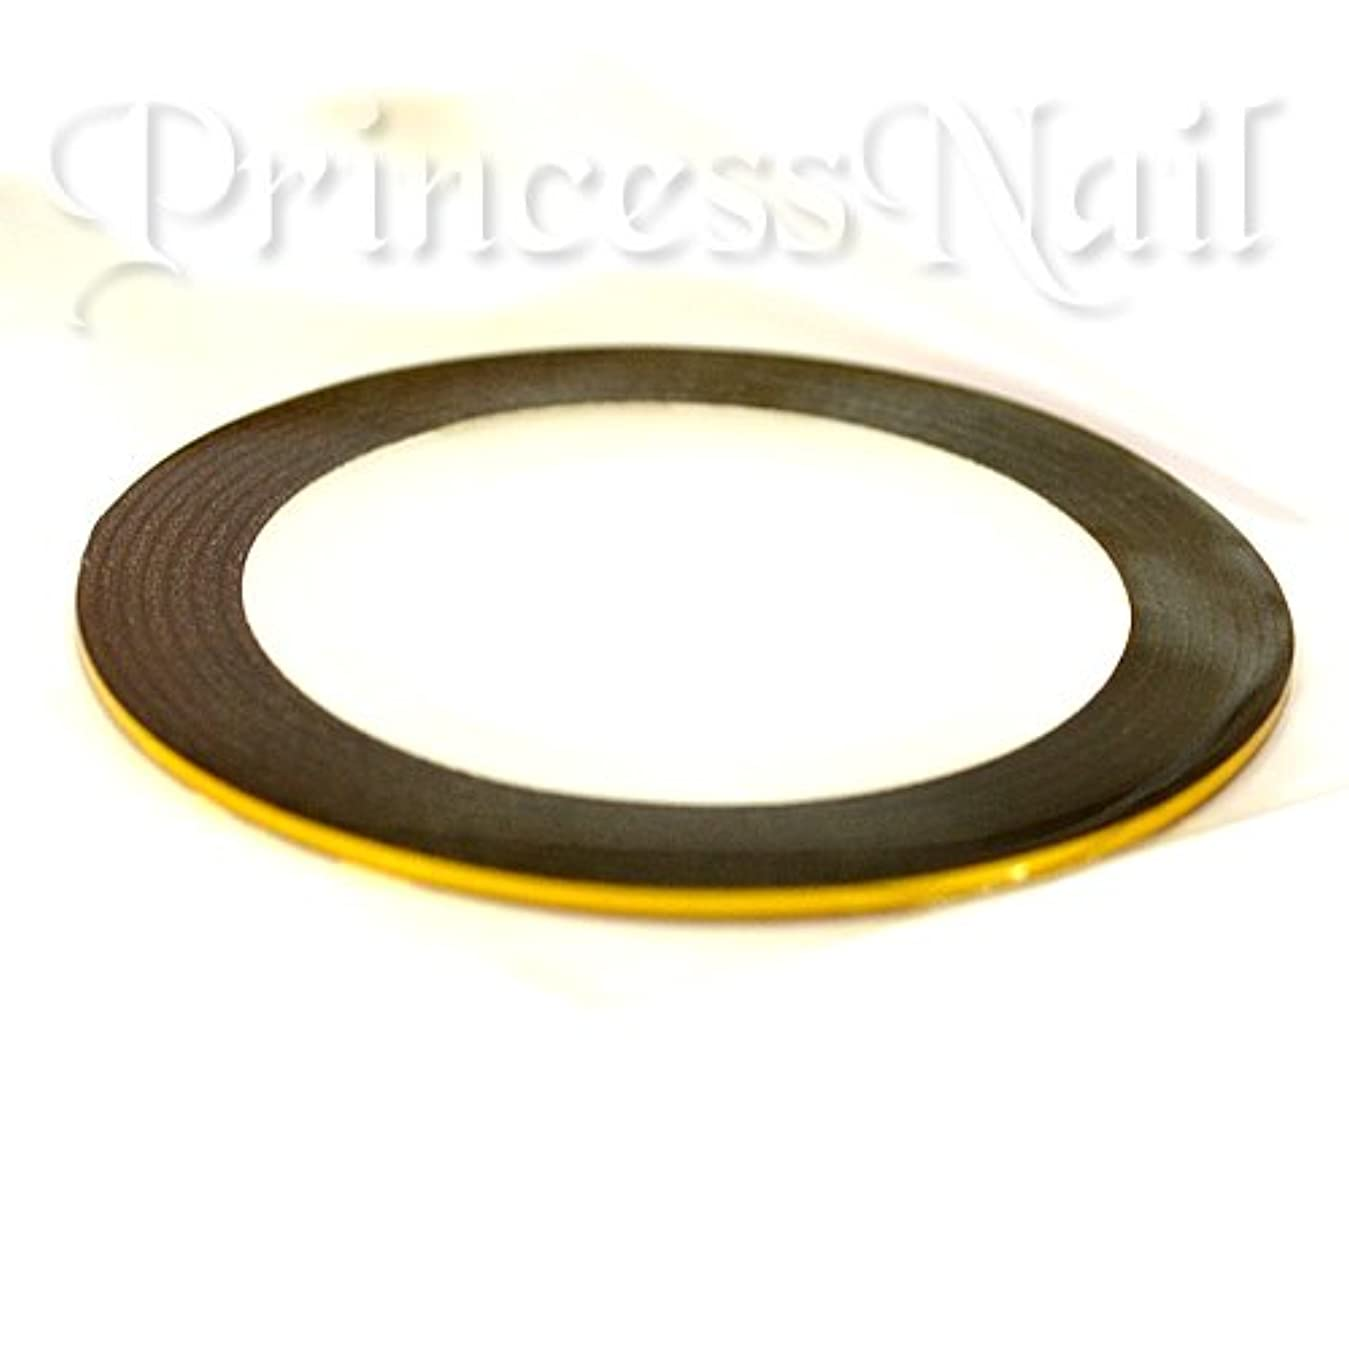 理論的委託収容するラインテープ ゴールド(gold)幅1ミリ×長さ18メートルのラインシール